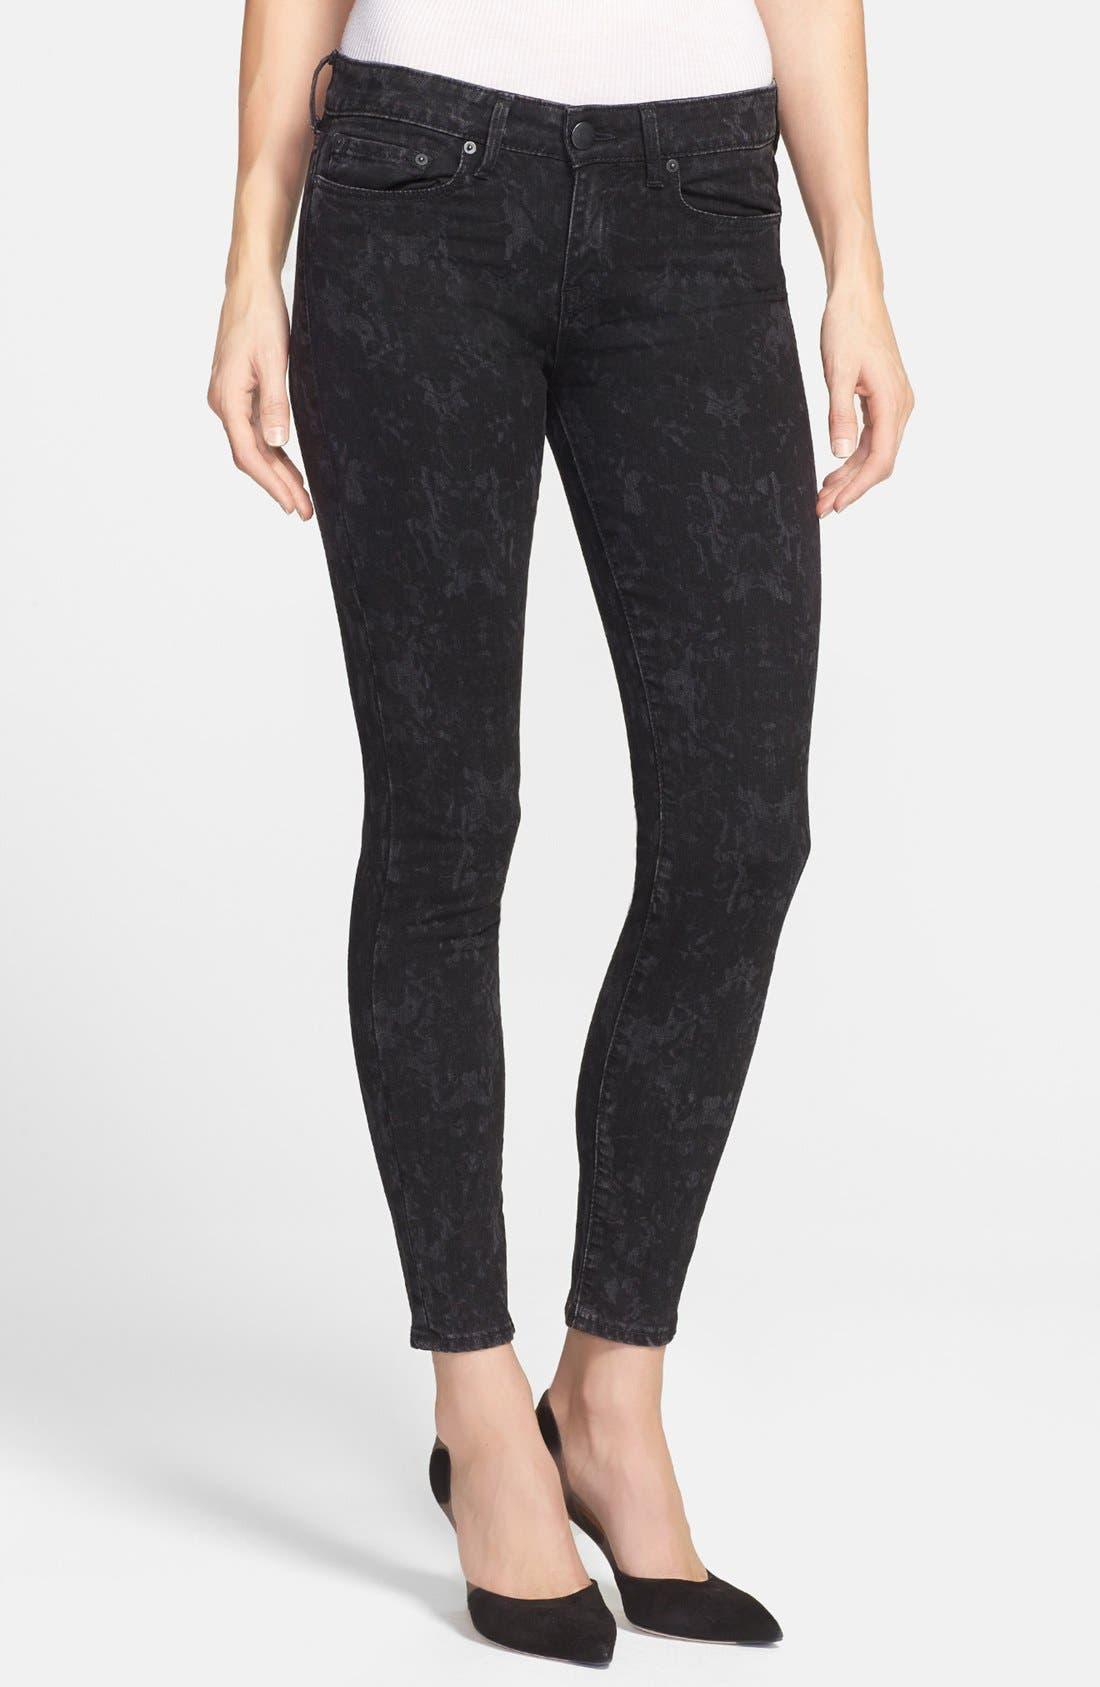 Main Image - Vince 'Dylan' Ankle Skinny Jeans (Black Floral)